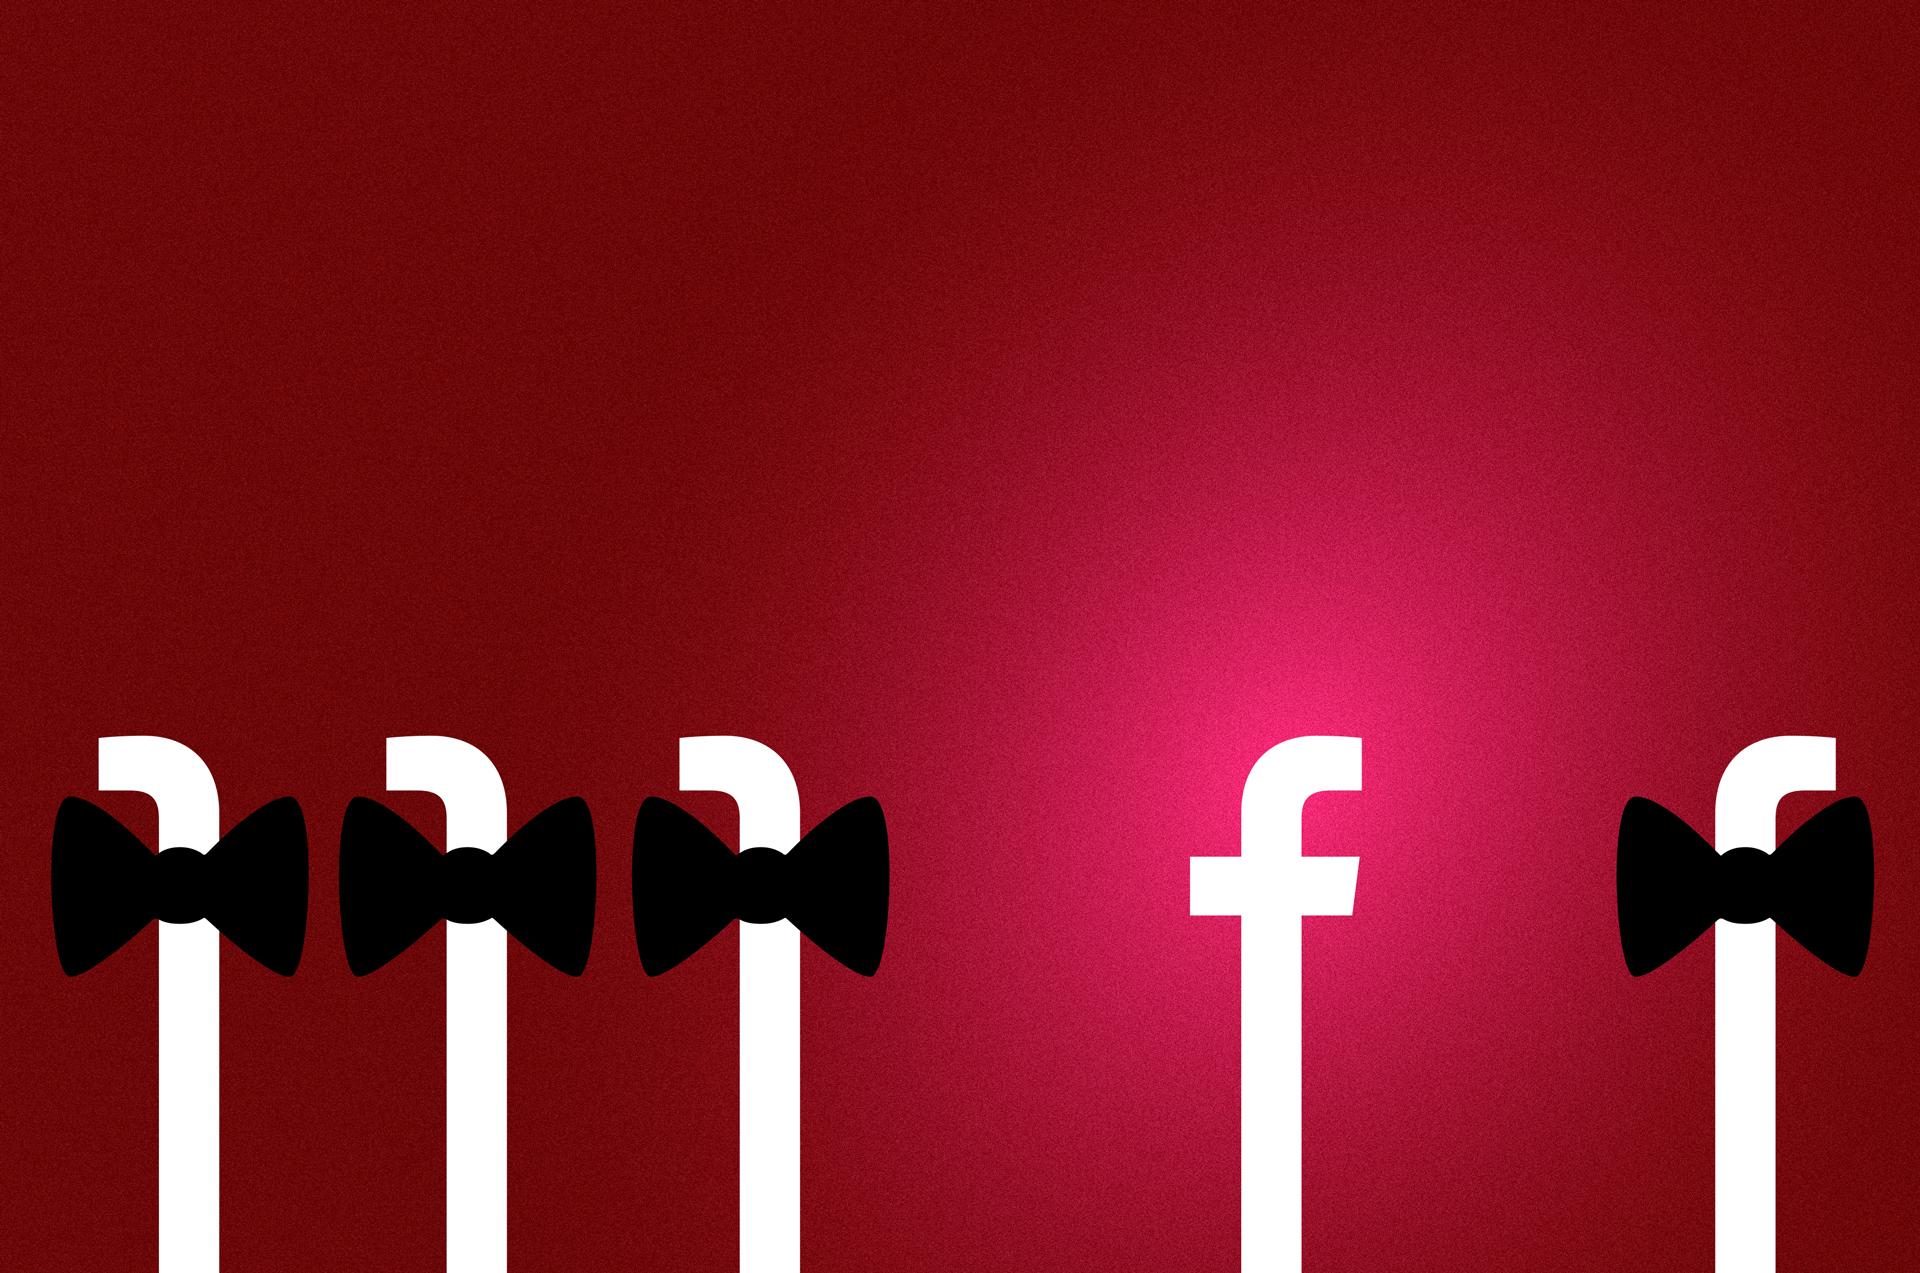 A Facebook például azzal próbálta lejáratni a kritikusait, hogy azok antiszemiták, illetve Soros György emberei